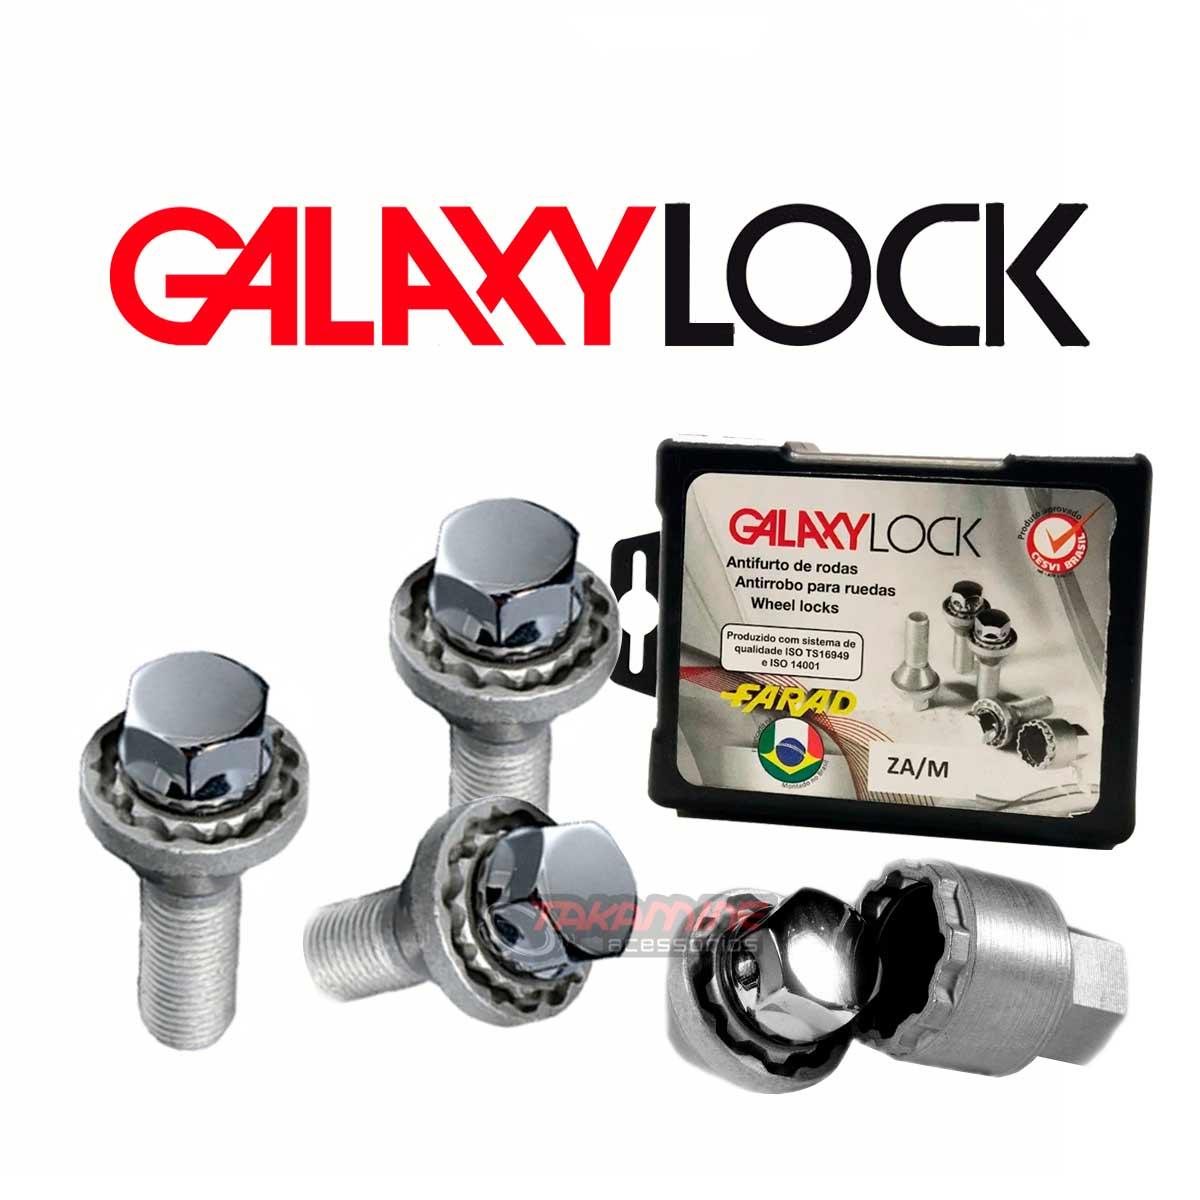 Parafuso antifurto para rodas Galaxy Lock Voyage 2008 até 2020 (roda de liga) L2/M